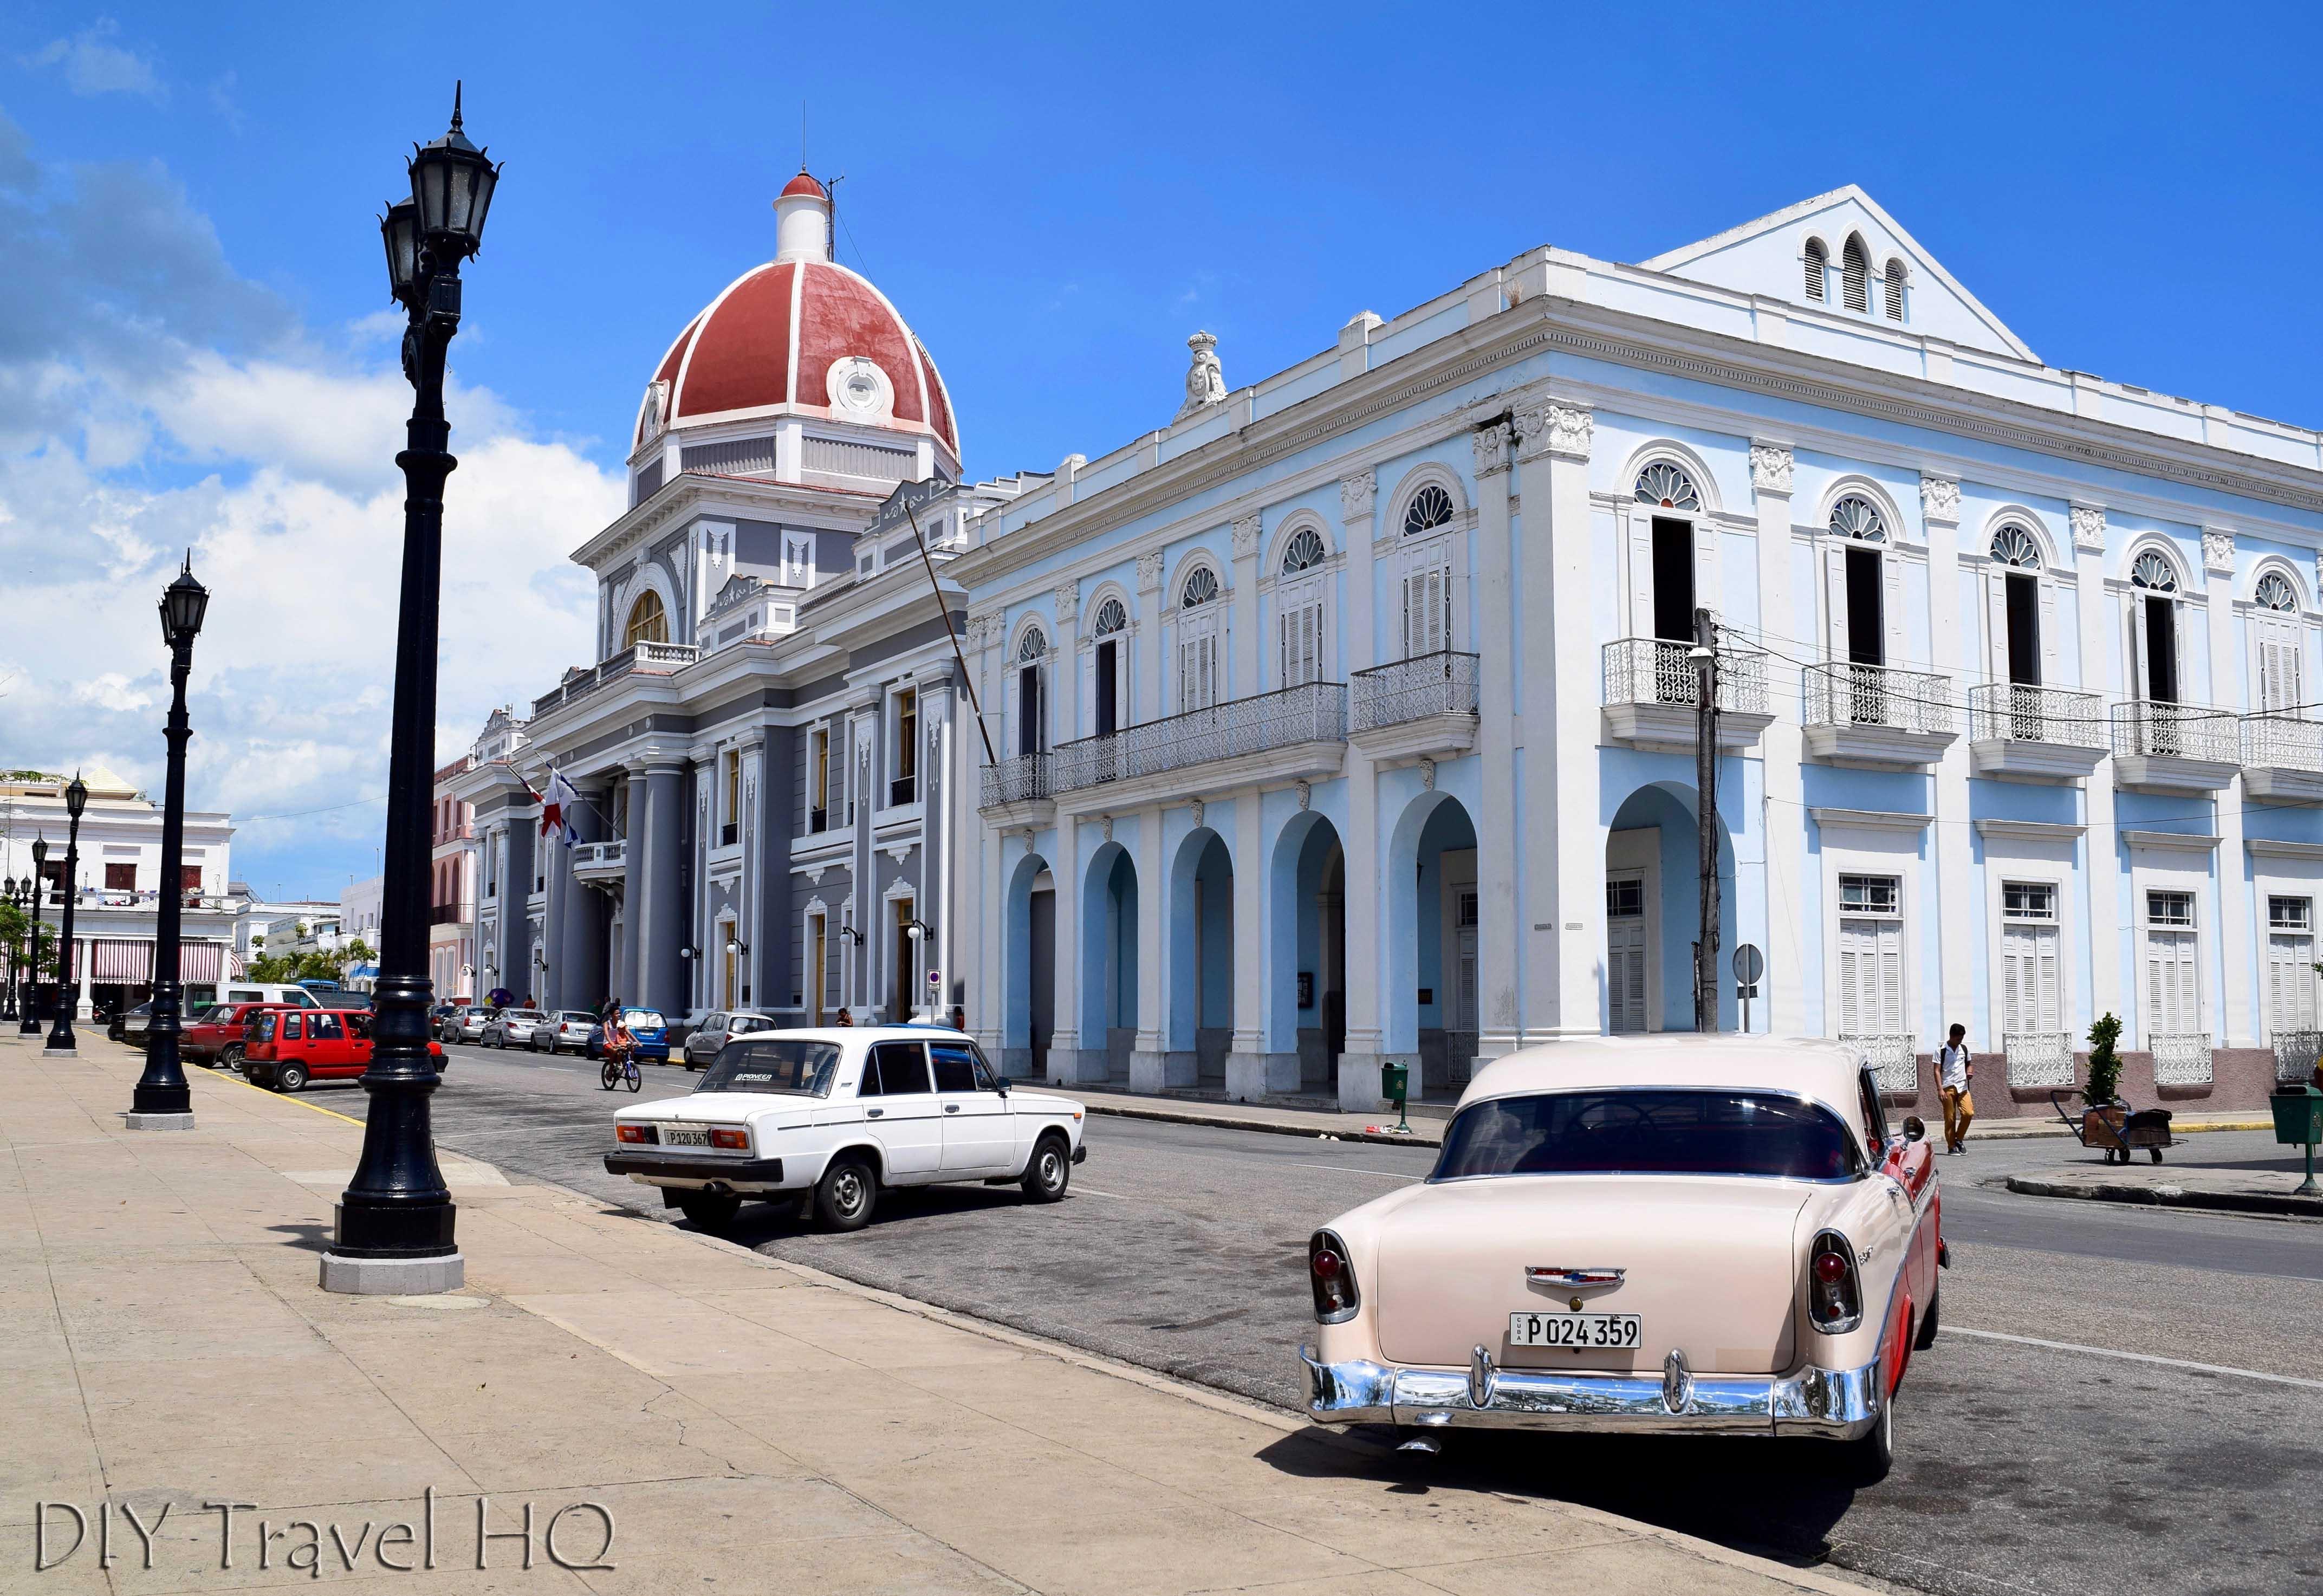 Cienfuegos: Paris of Cuba? - DIY Travel HQ